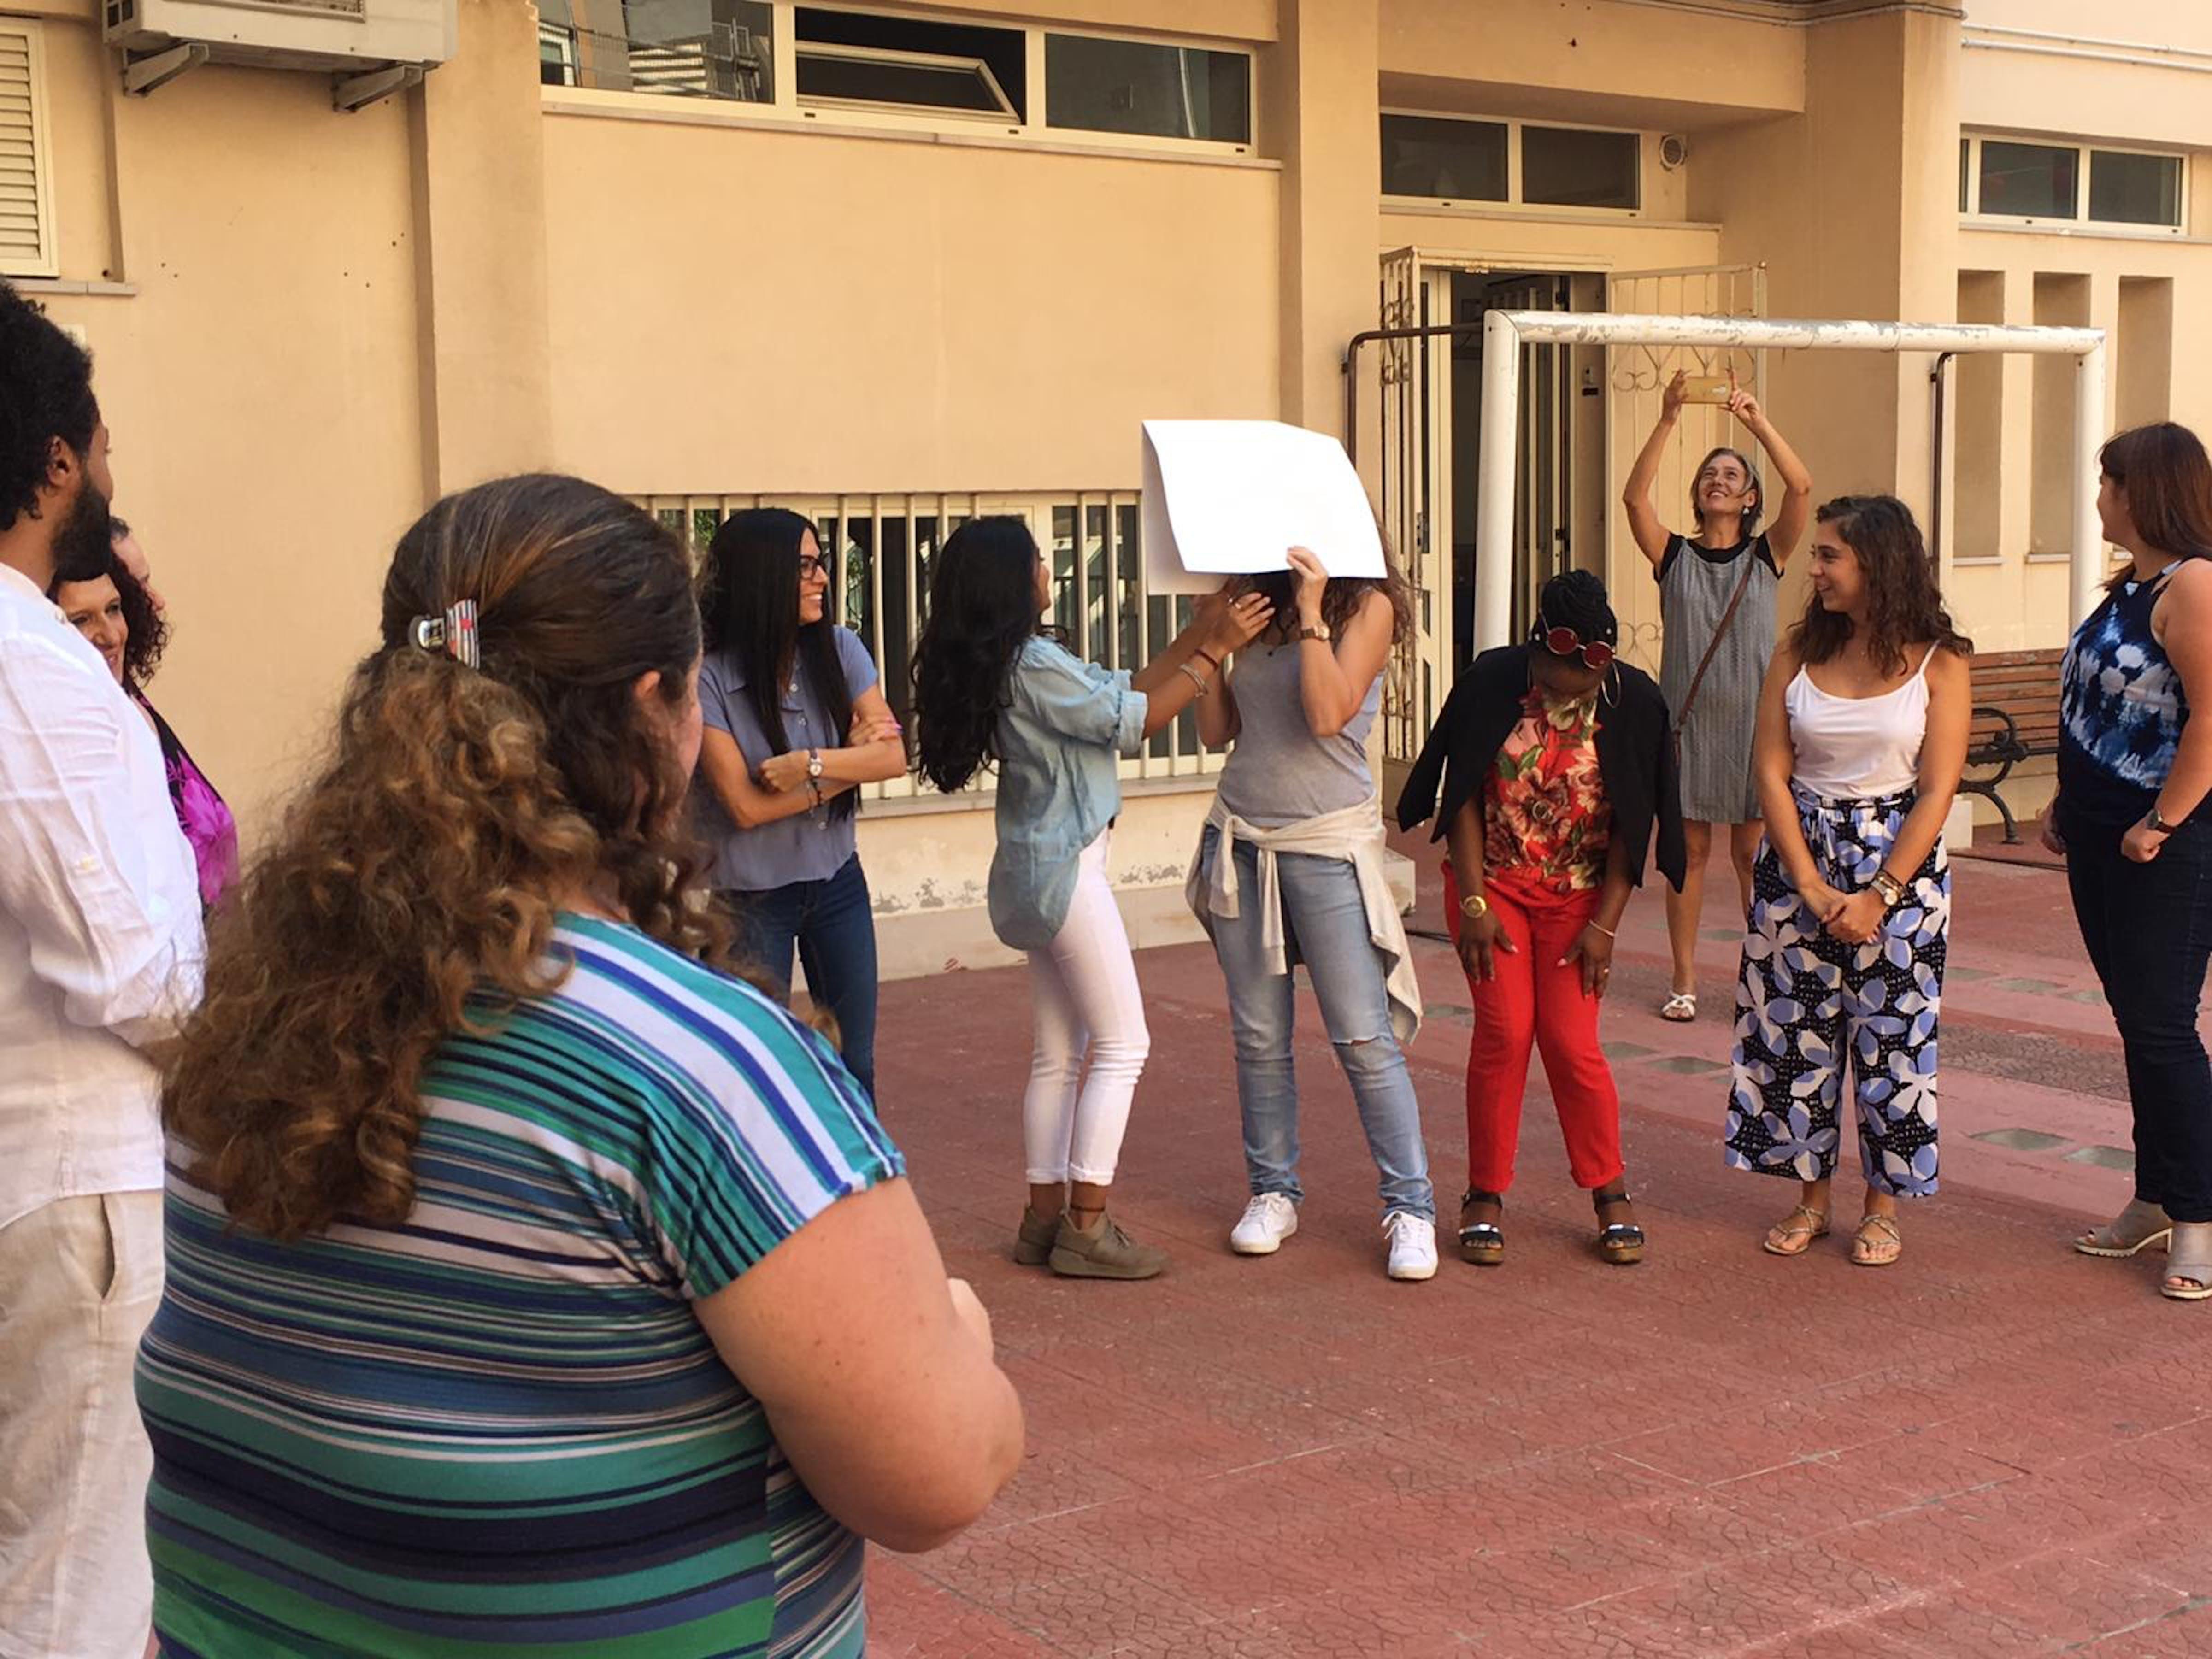 @UNICEF - Martin/2019 - Attività di gruppo durante la  formazione  di UNICEF e MEDECINS DU Monde in Calabria